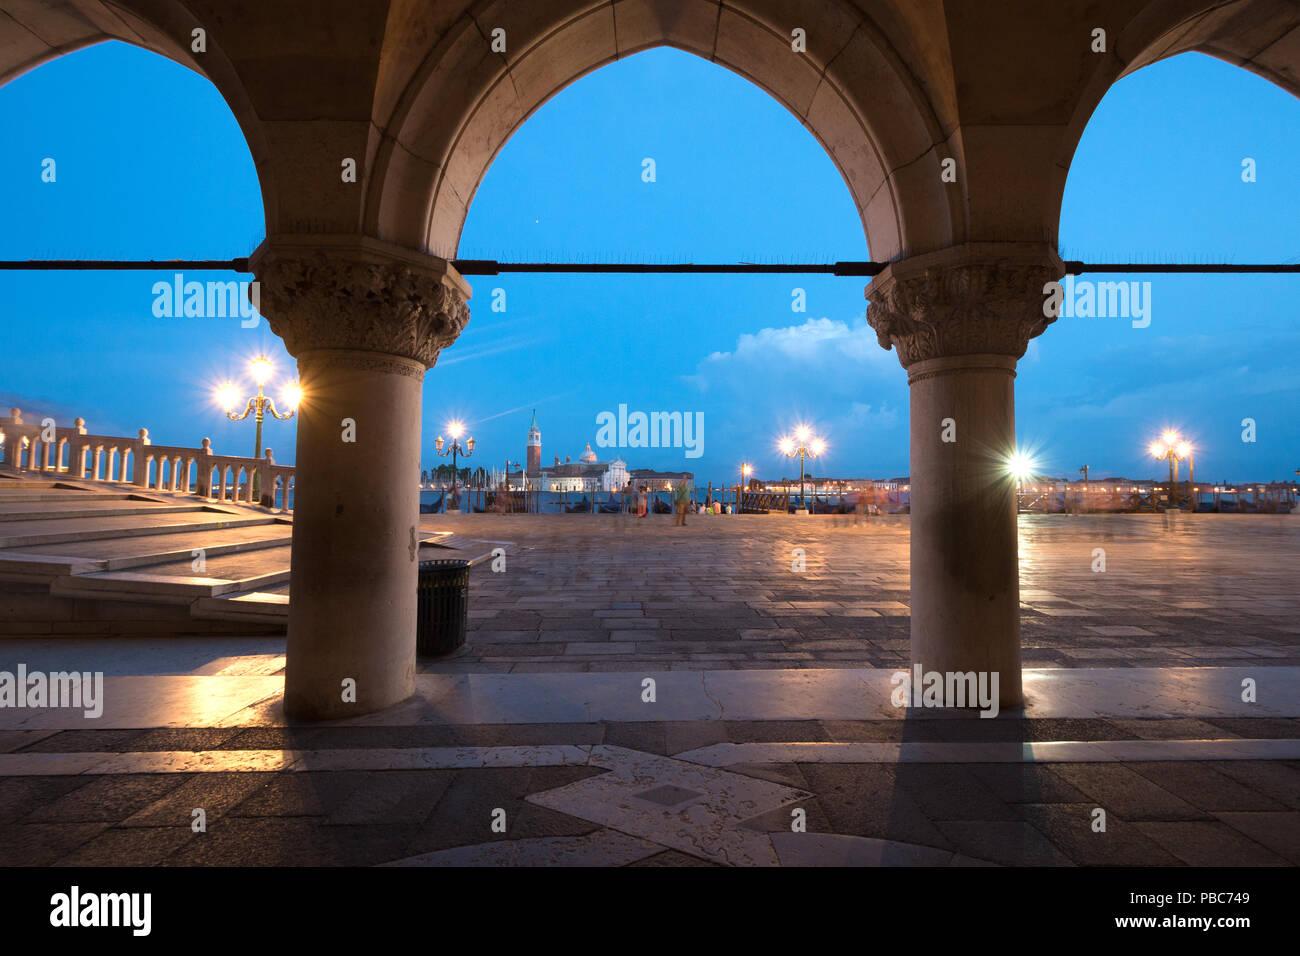 Riva degli Shiavoni, San Marco, Venice, Italy - Stock Image